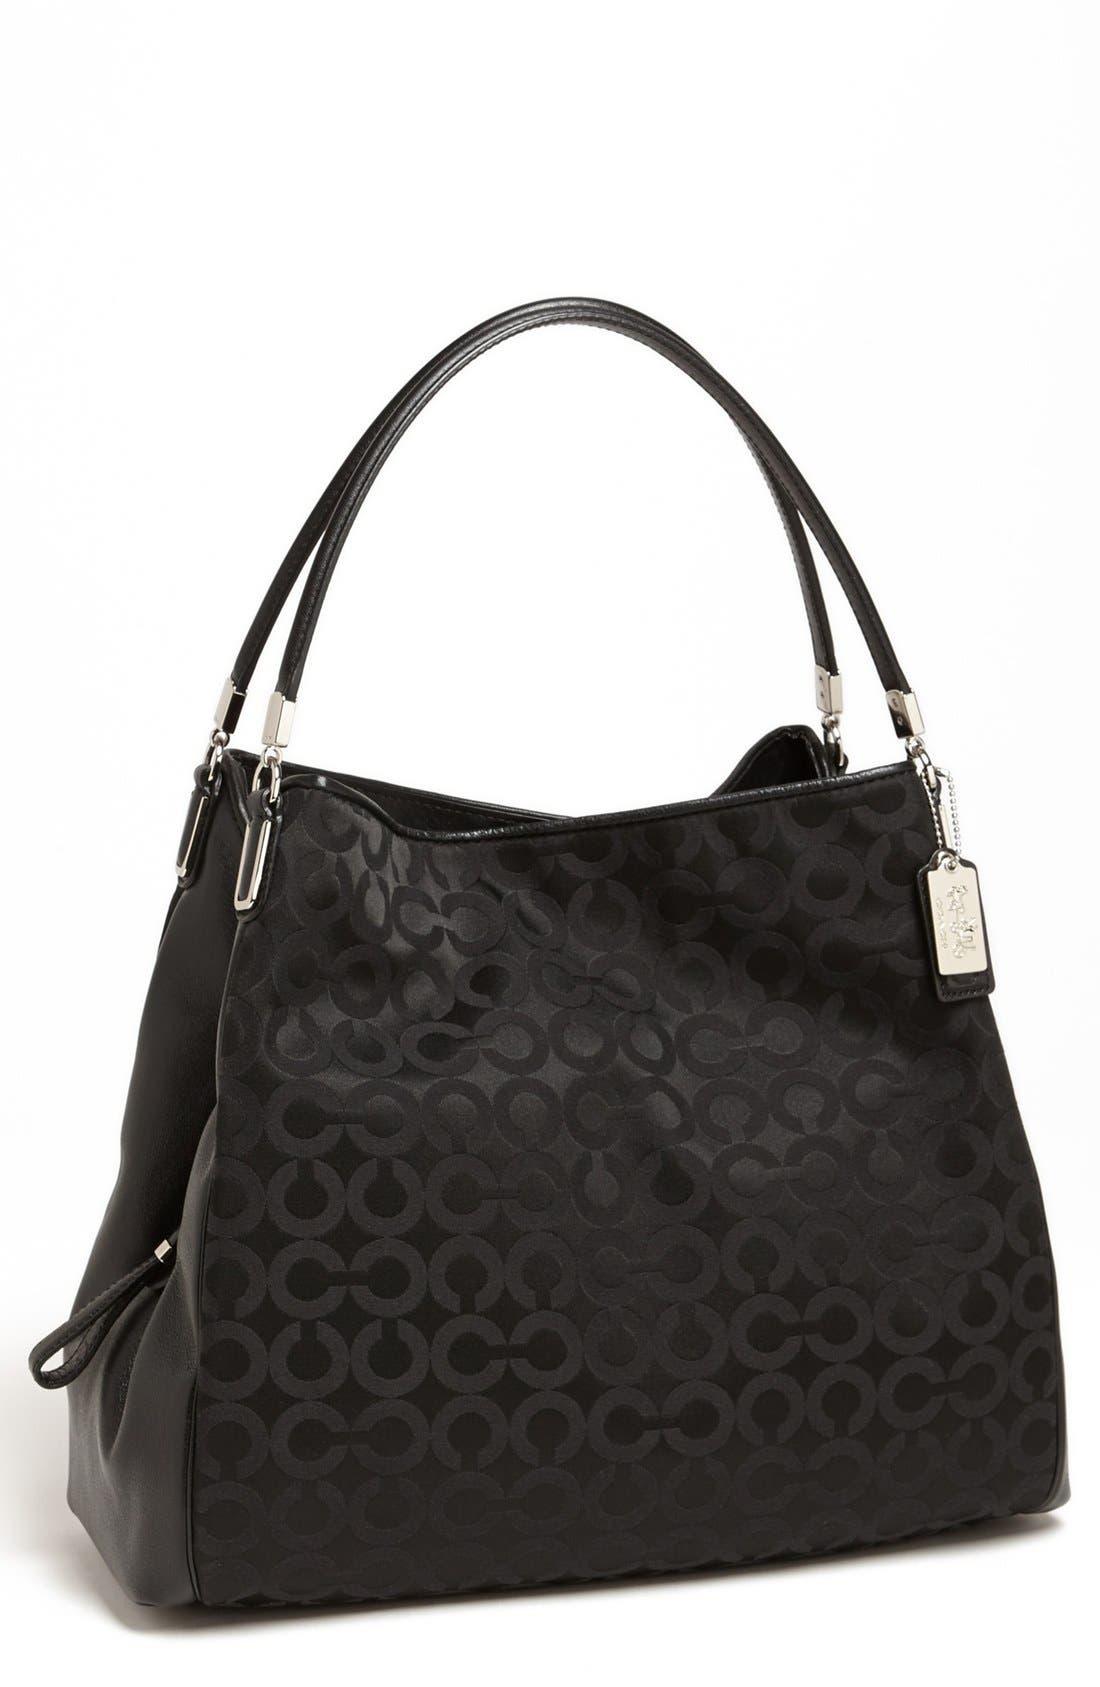 Main Image - COACH 'Madison - Phoebe' Leather Shoulder Bag